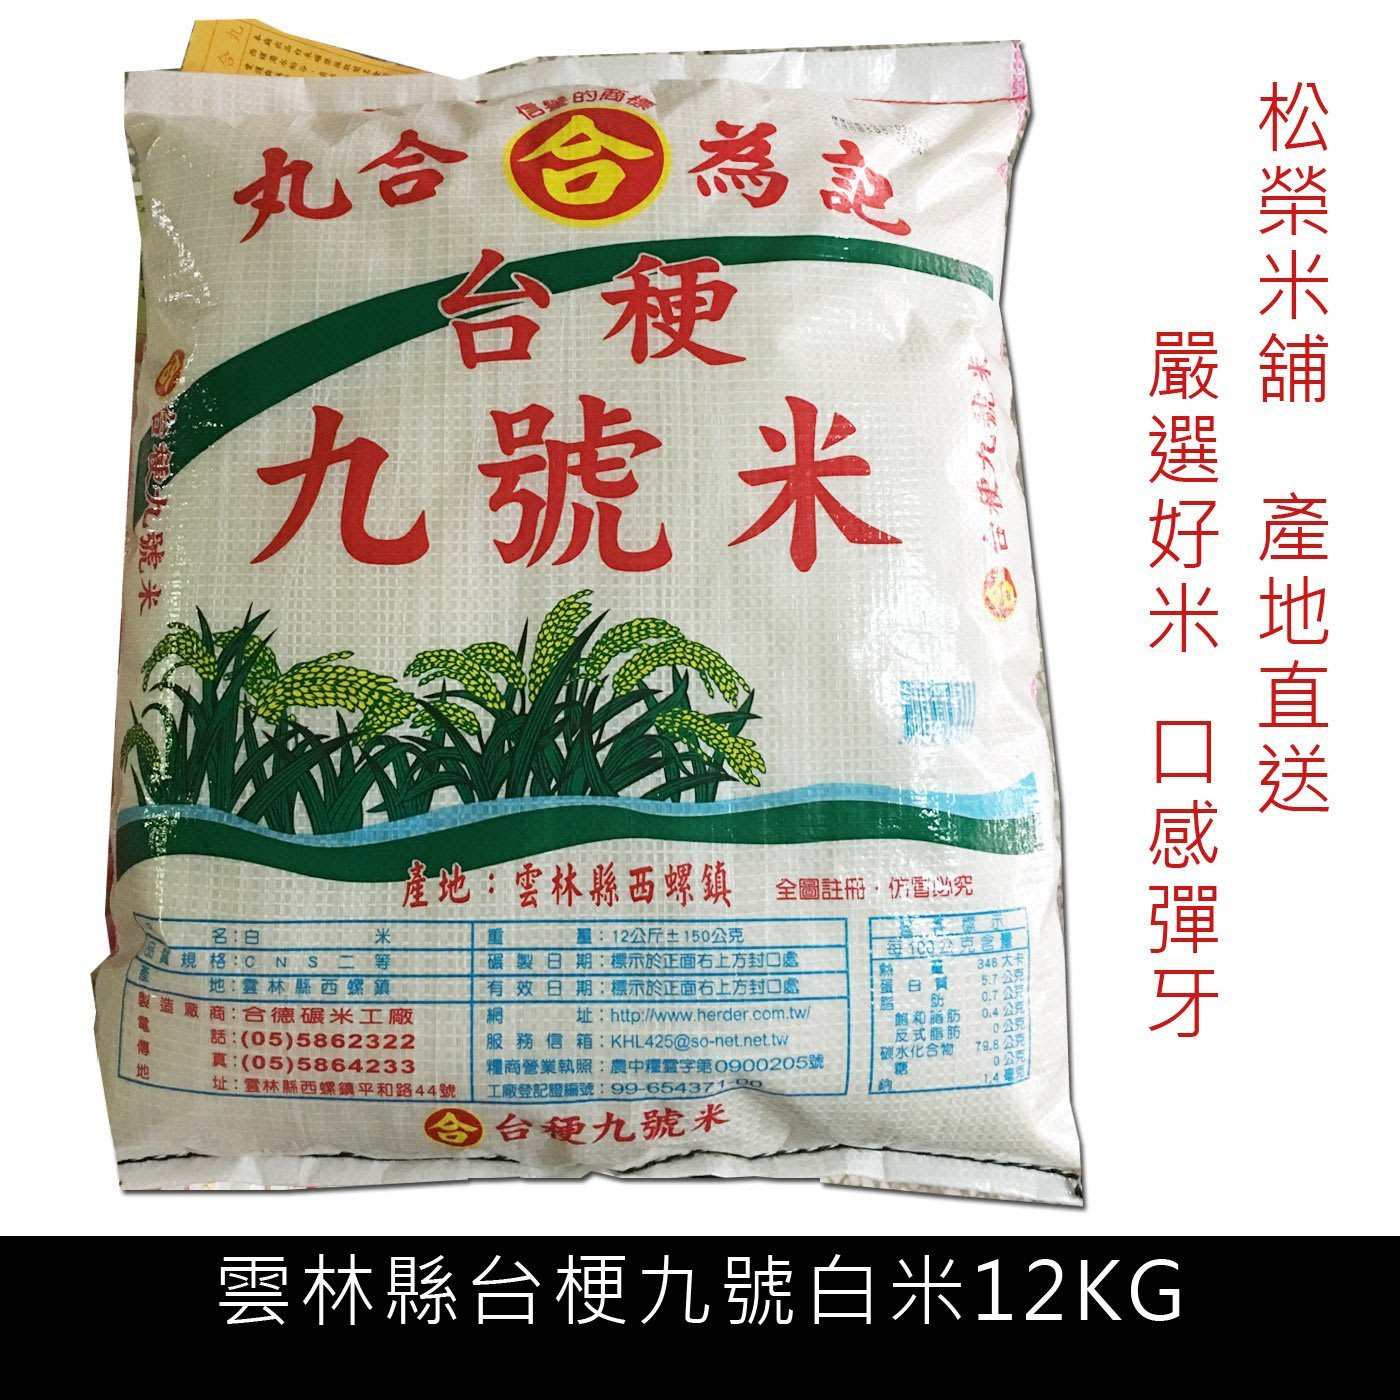 松榮米舖 雲林西螺台梗九號白米 12公斤 原價 680元 特價640元